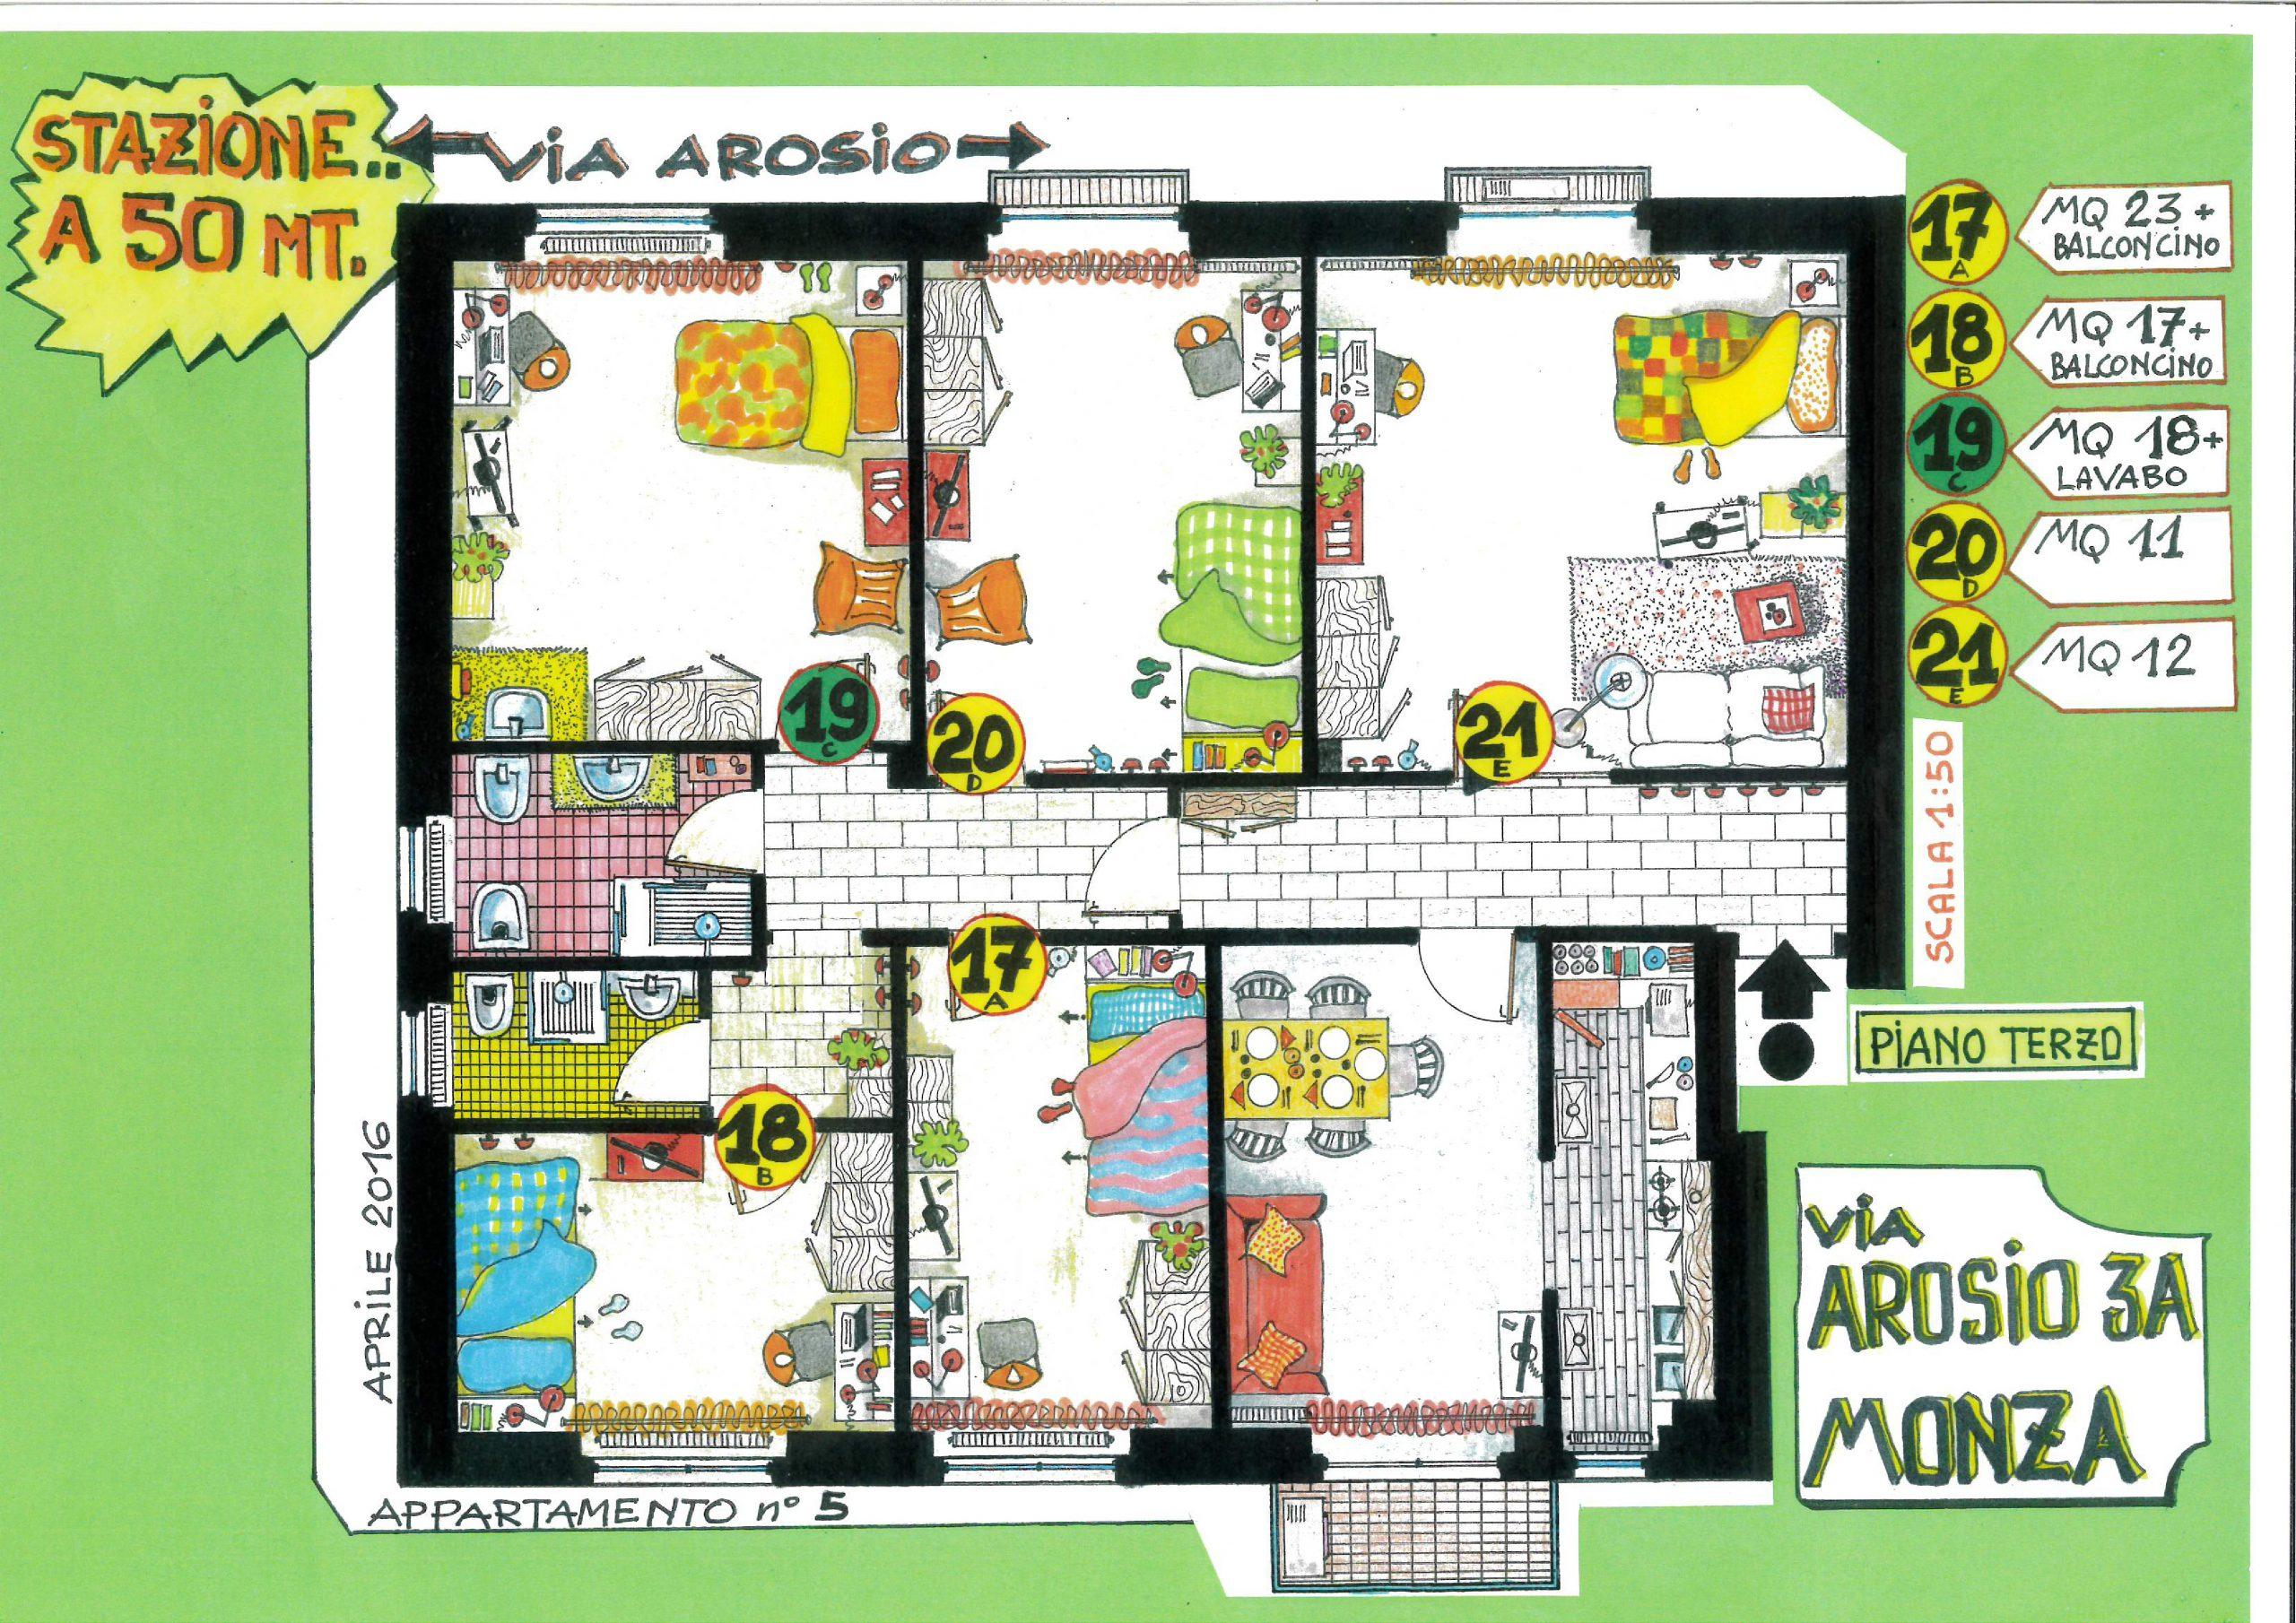 Clicca qui per vedere la piantina dell'appartamento